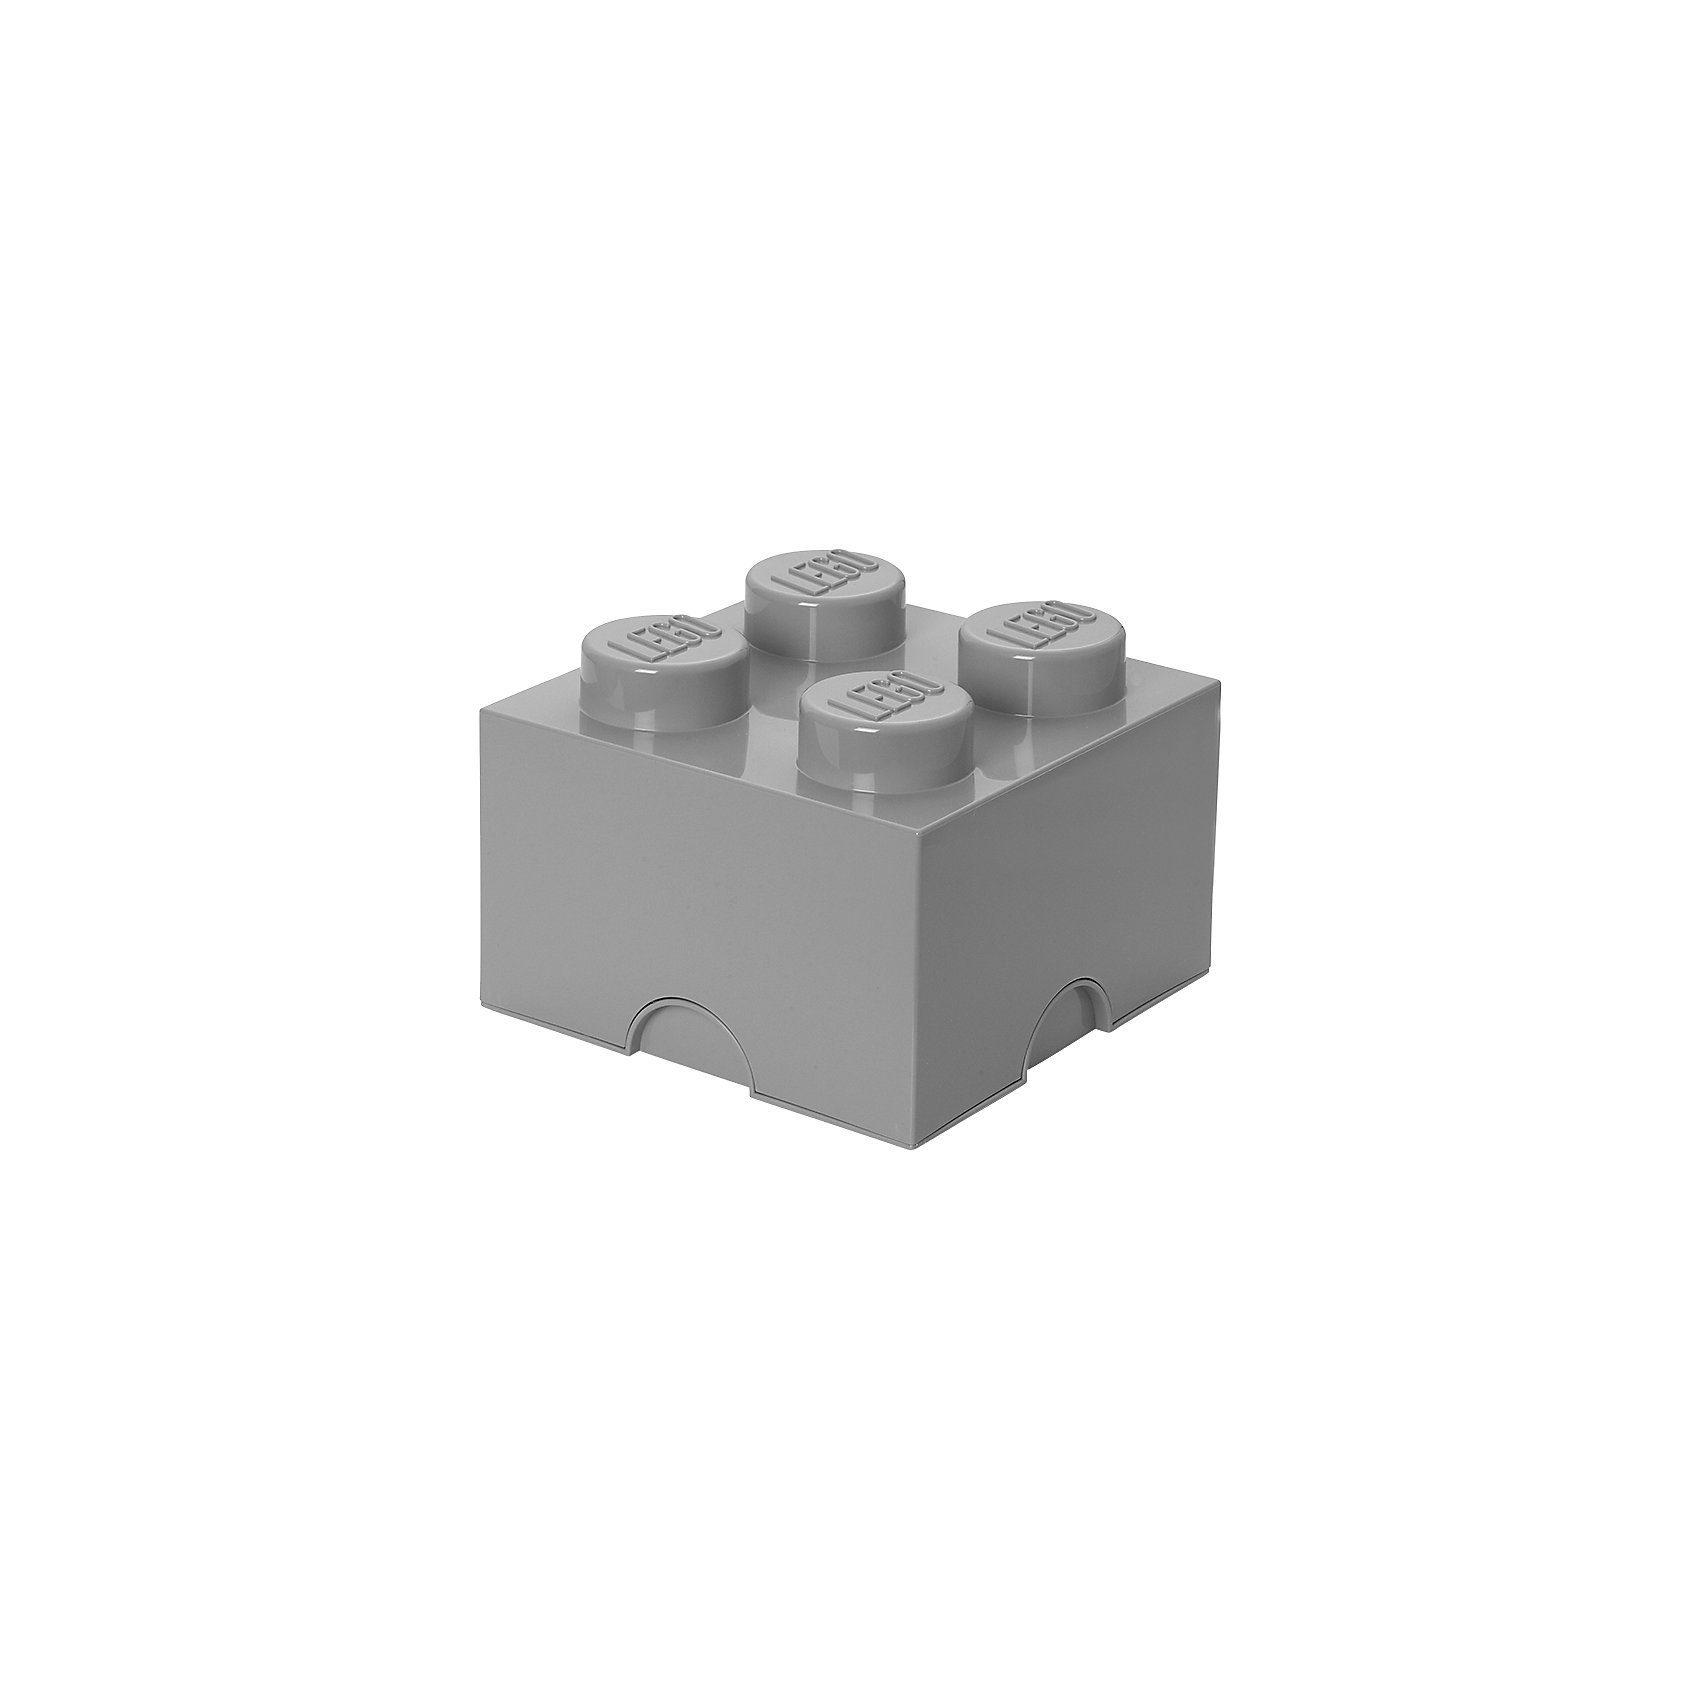 LEGO® Aufbewahrungsbox Storage Brick Stein grau, 4 Noppen